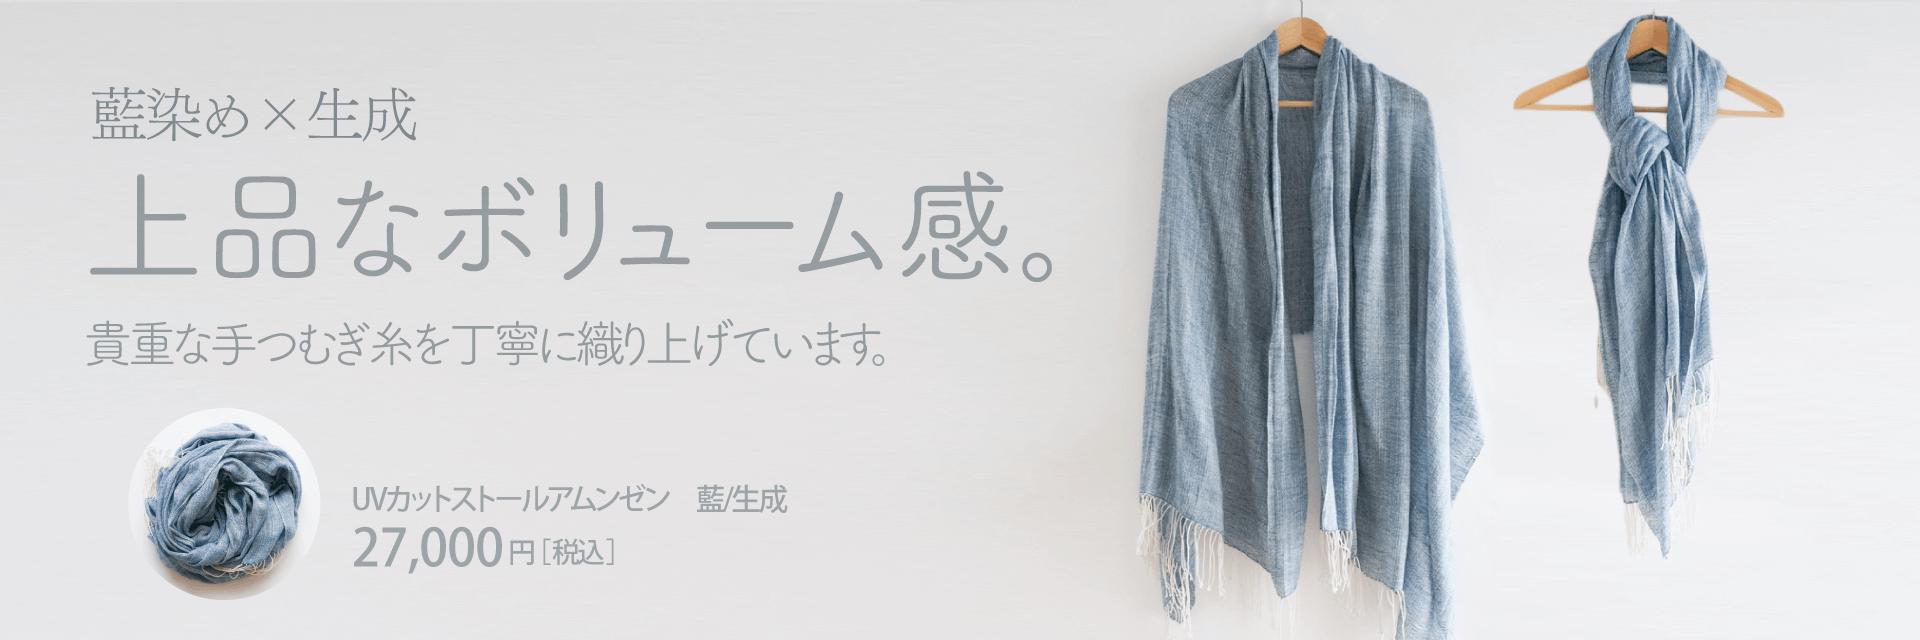 UVカットオーガニックコットンストールアムンゼン藍/生成